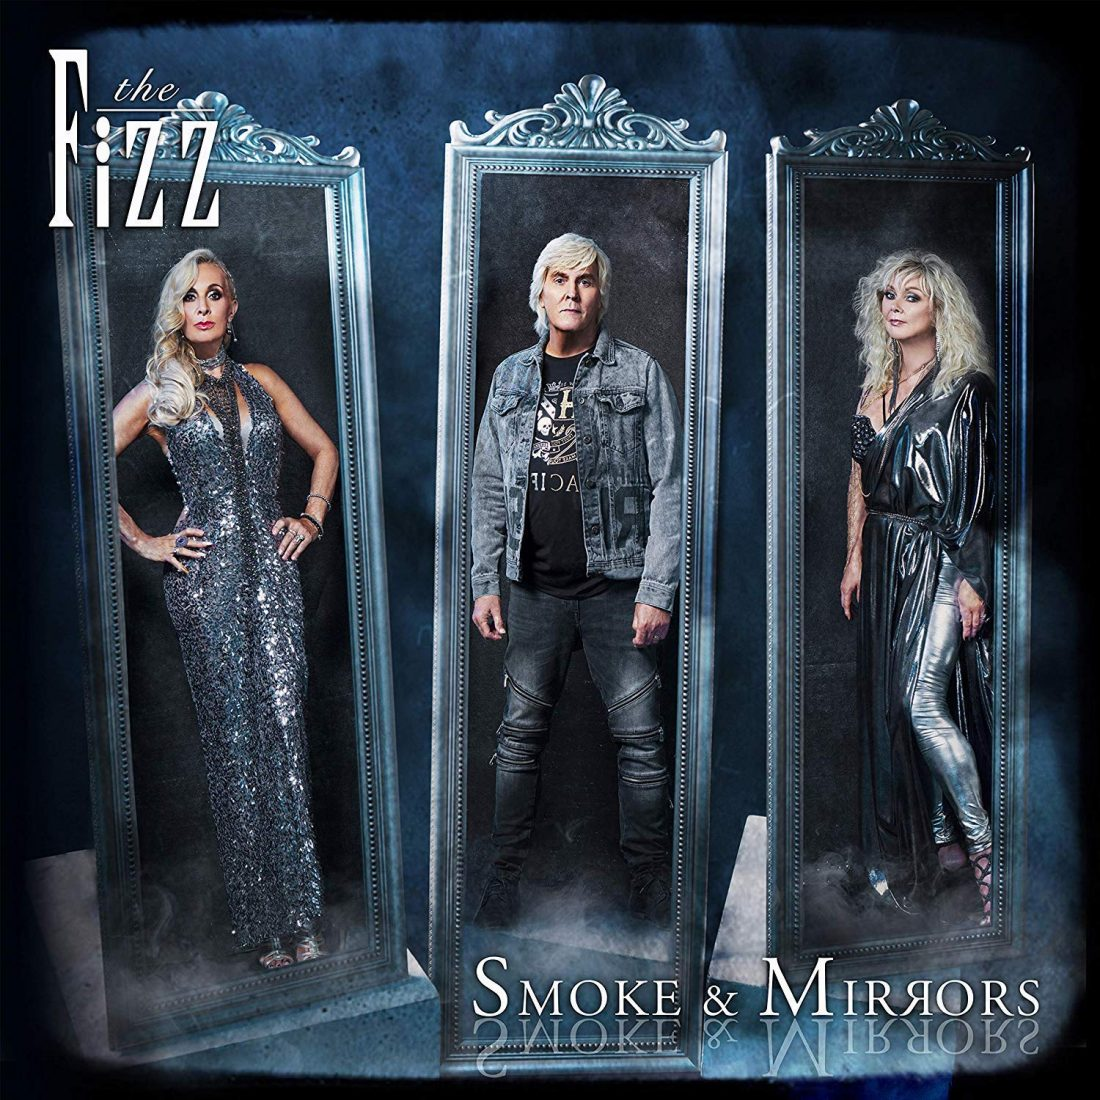 The Fizz new album